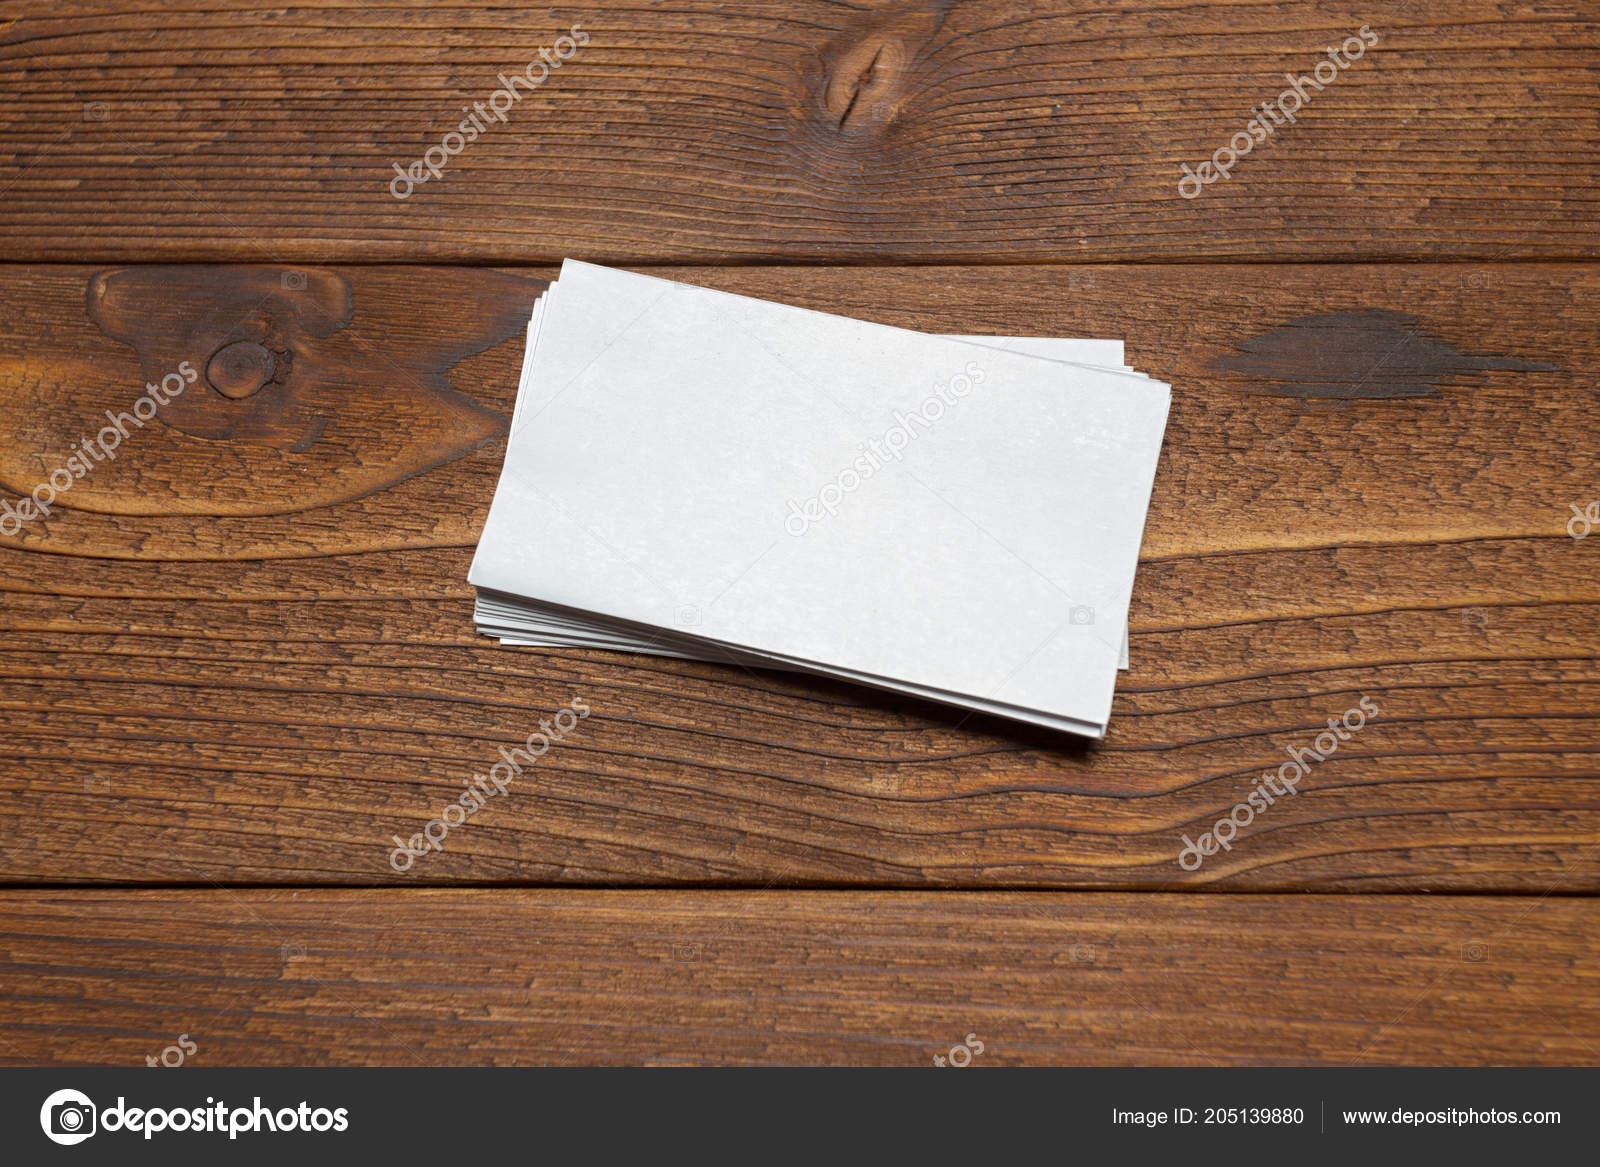 Leere Weiße Visitenkarten Auf Holz Hintergrund Stockfoto